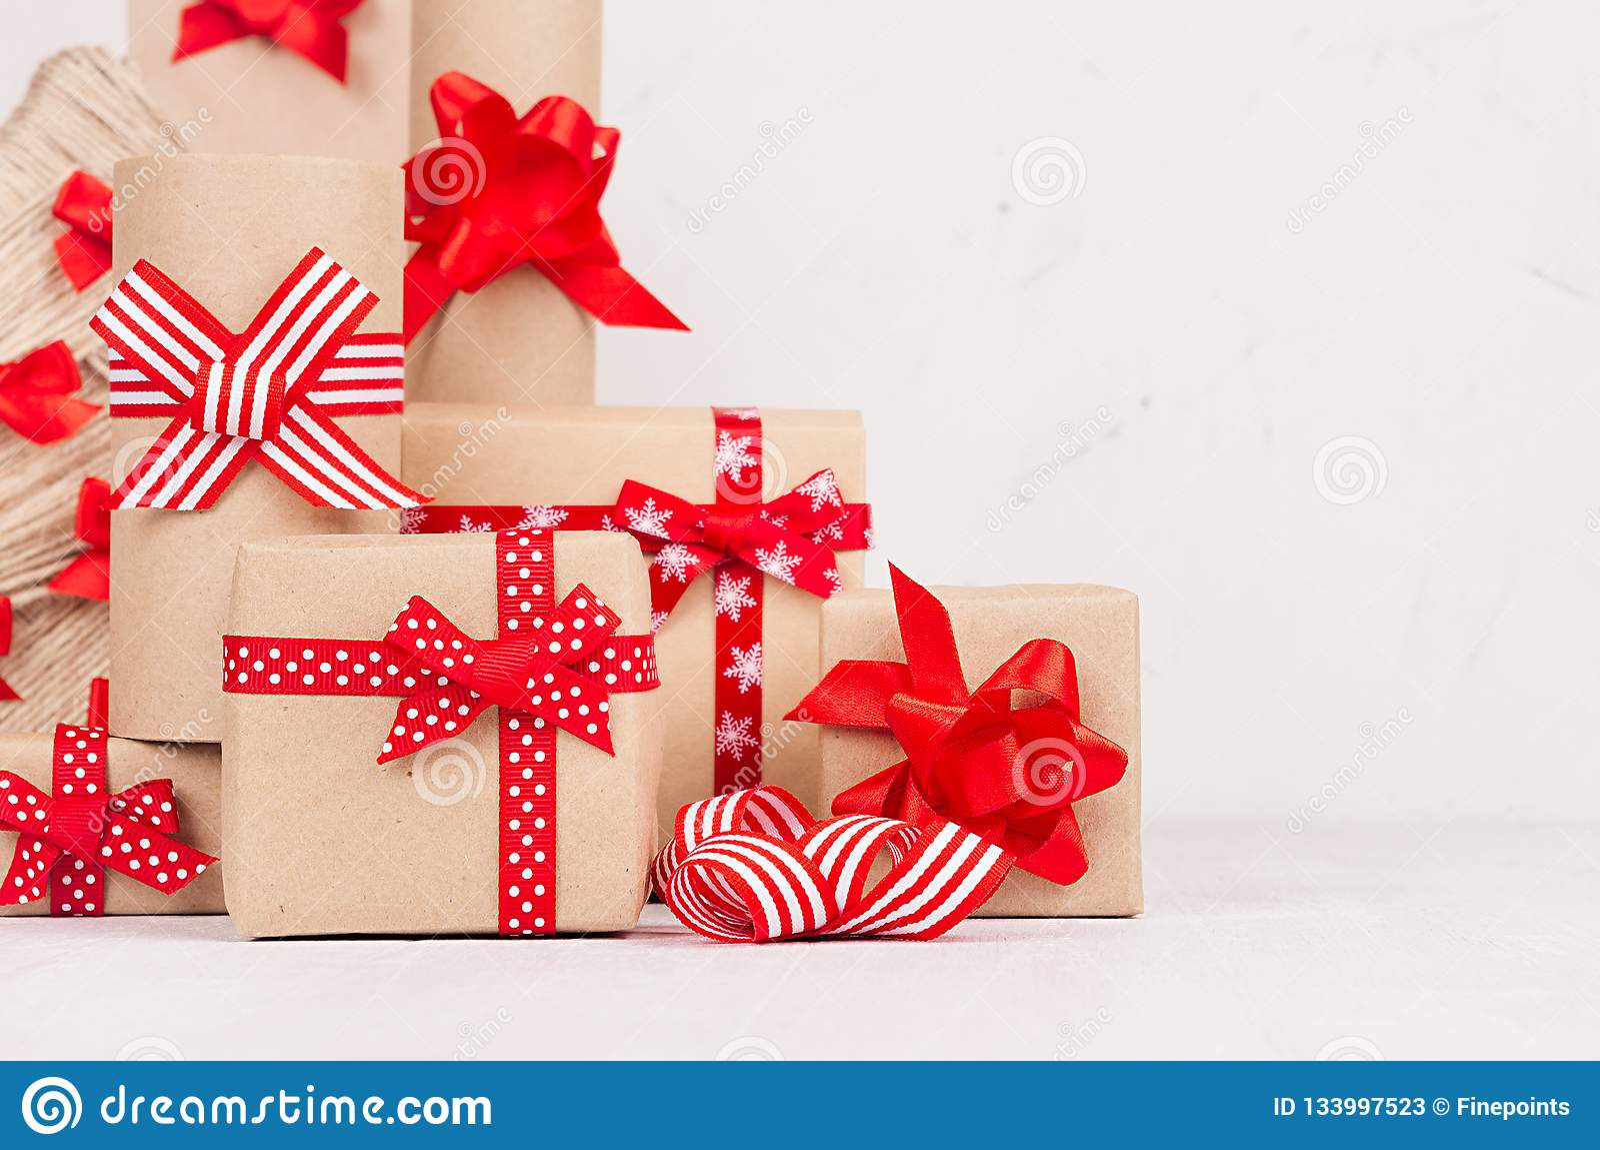 Christmas Gifts Handmade.Handmade Christmas Gifts Boxes Of Kraft Paper Christmas